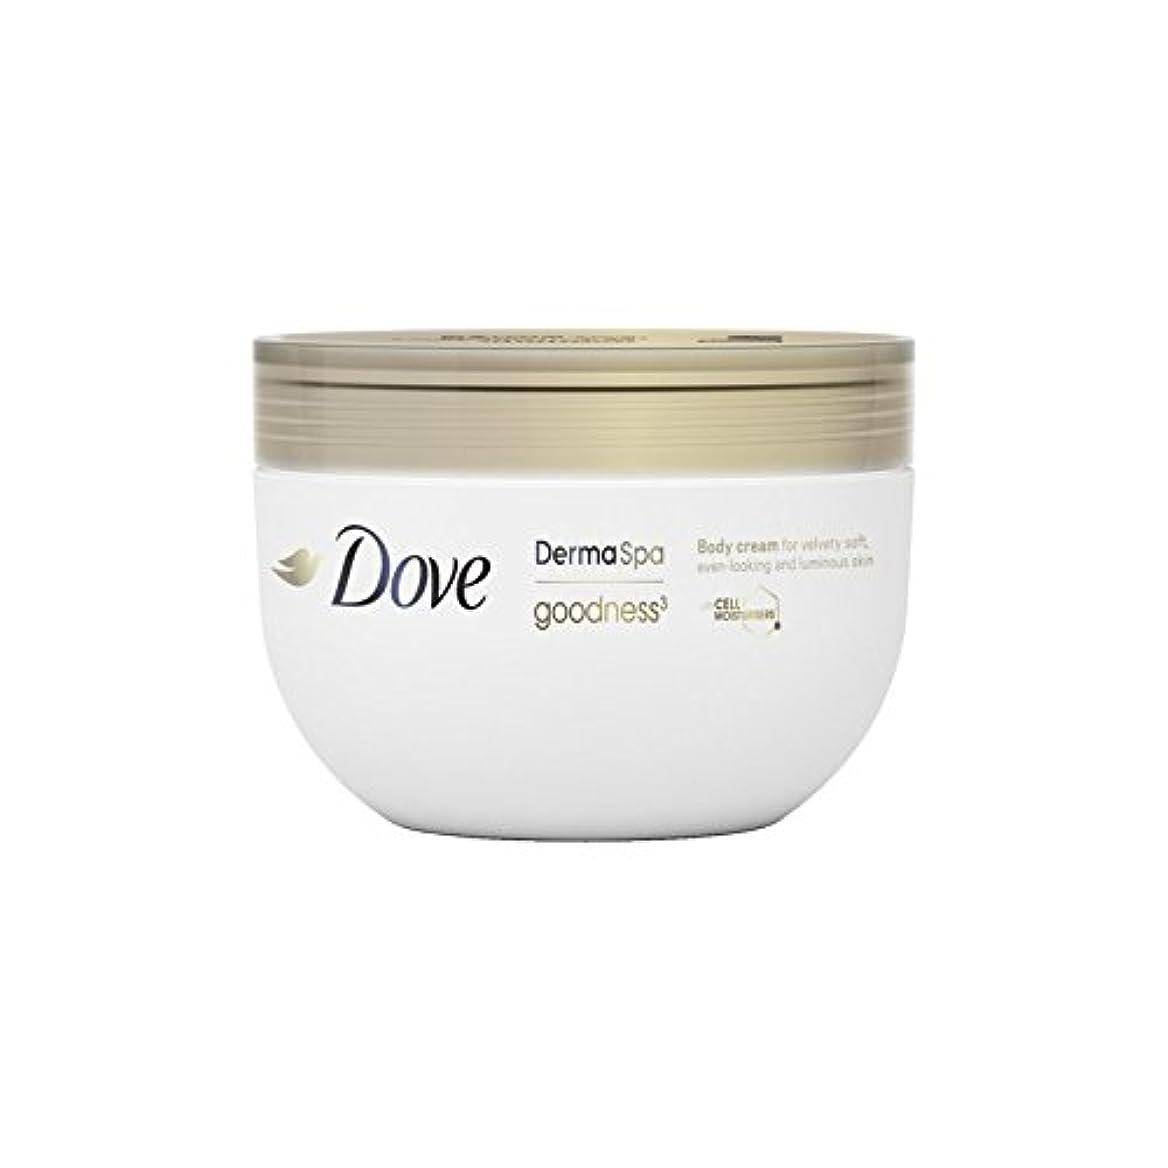 ごちそう読みやすい適応Dove DermaSpa Goodness3 Body Cream (300ml) - 鳩の3ボディクリーム(300ミリリットル) [並行輸入品]